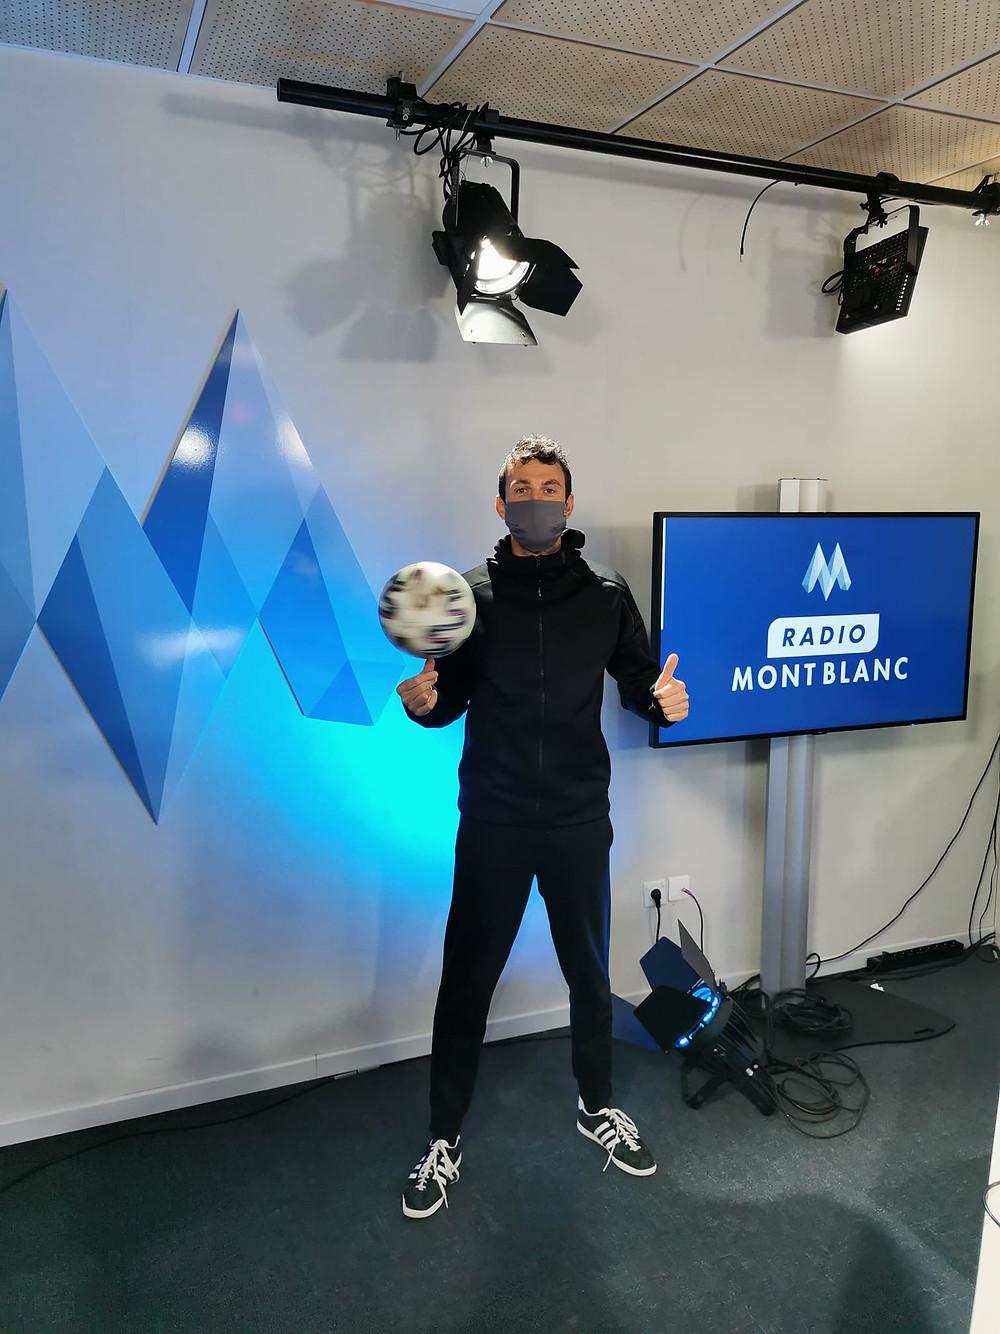 Interview de Corentin Baron pour Radio Mont Blanc, la radio leader sur la Haute Savoie et Savoie. Le freestyler a réalisé une démonstration de Freestyle Football, présenté la discipline et répondu aux questions en direct.